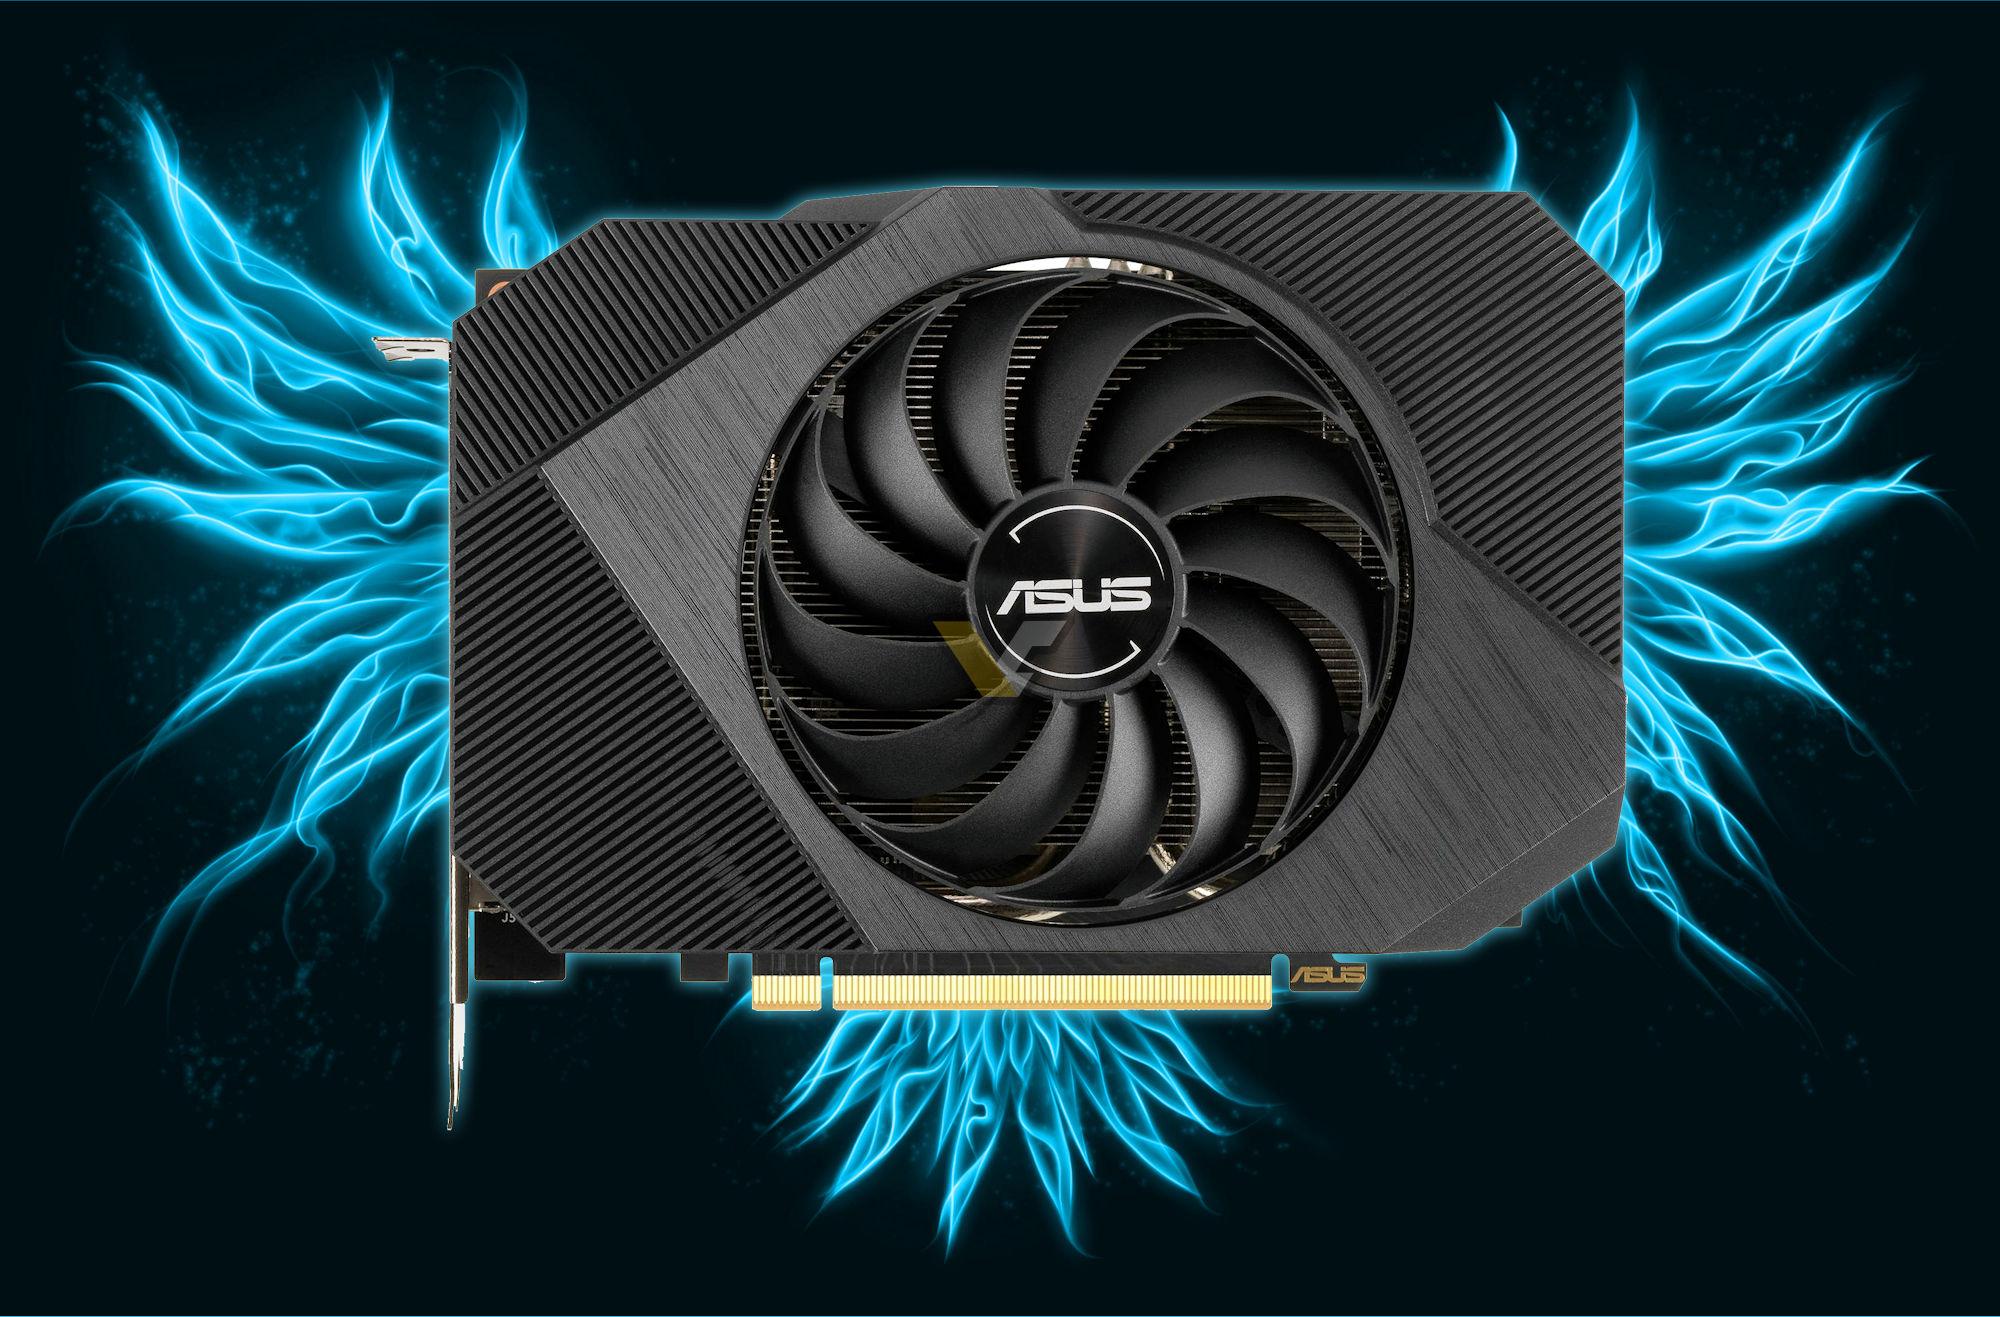 ASUS launches single-fan GeForce RTX 3060 Phoenix – VideoCardz.com